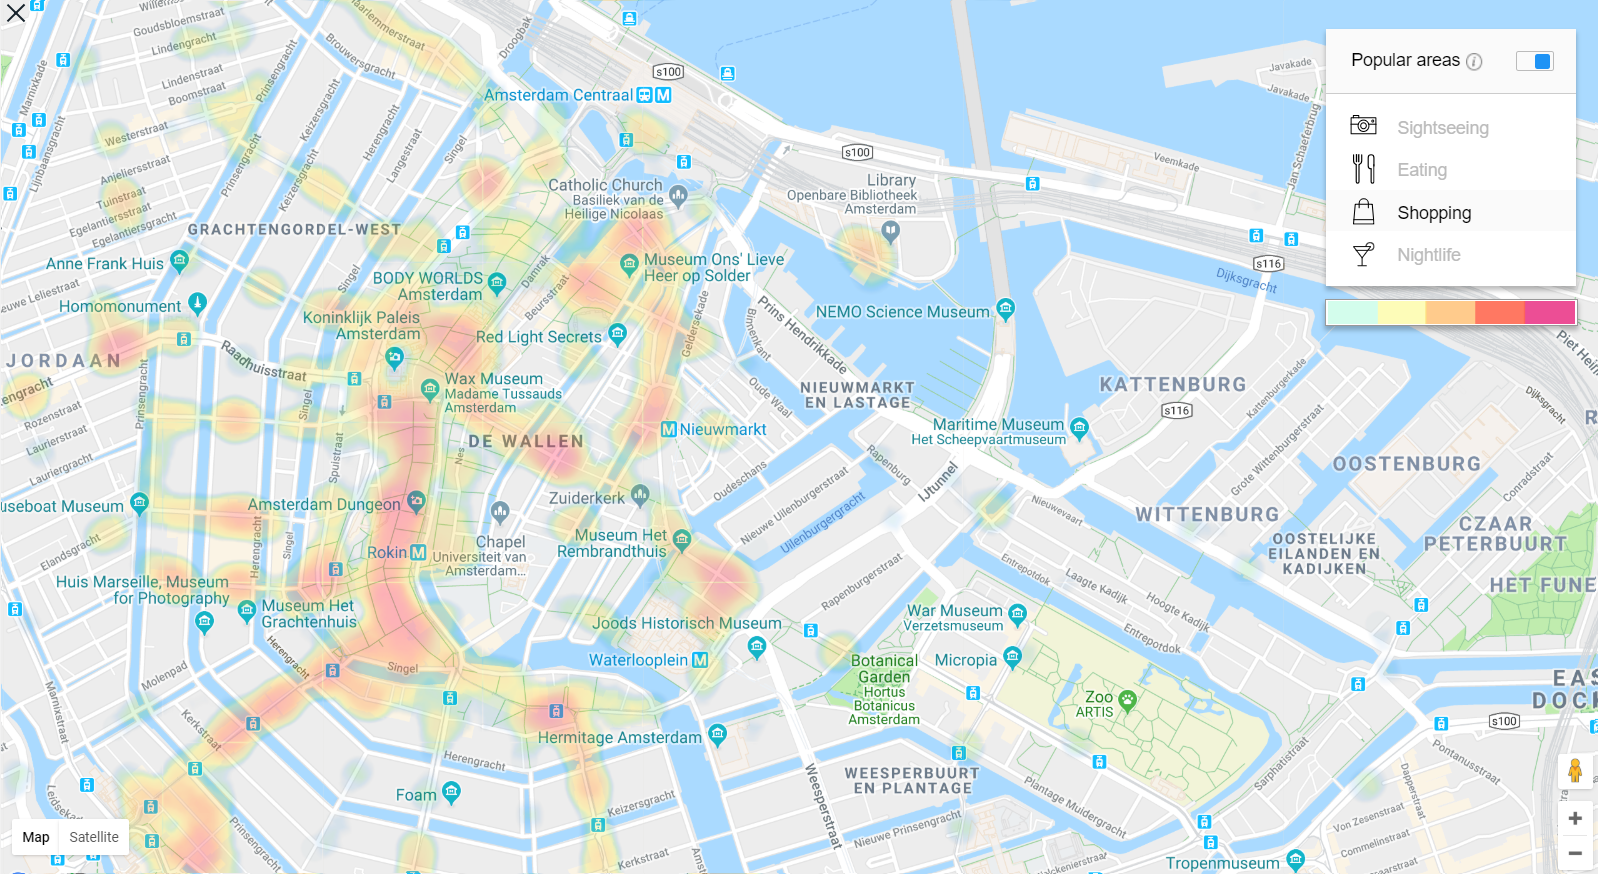 Amsterdam Heat Map für die besten Shopping Spots